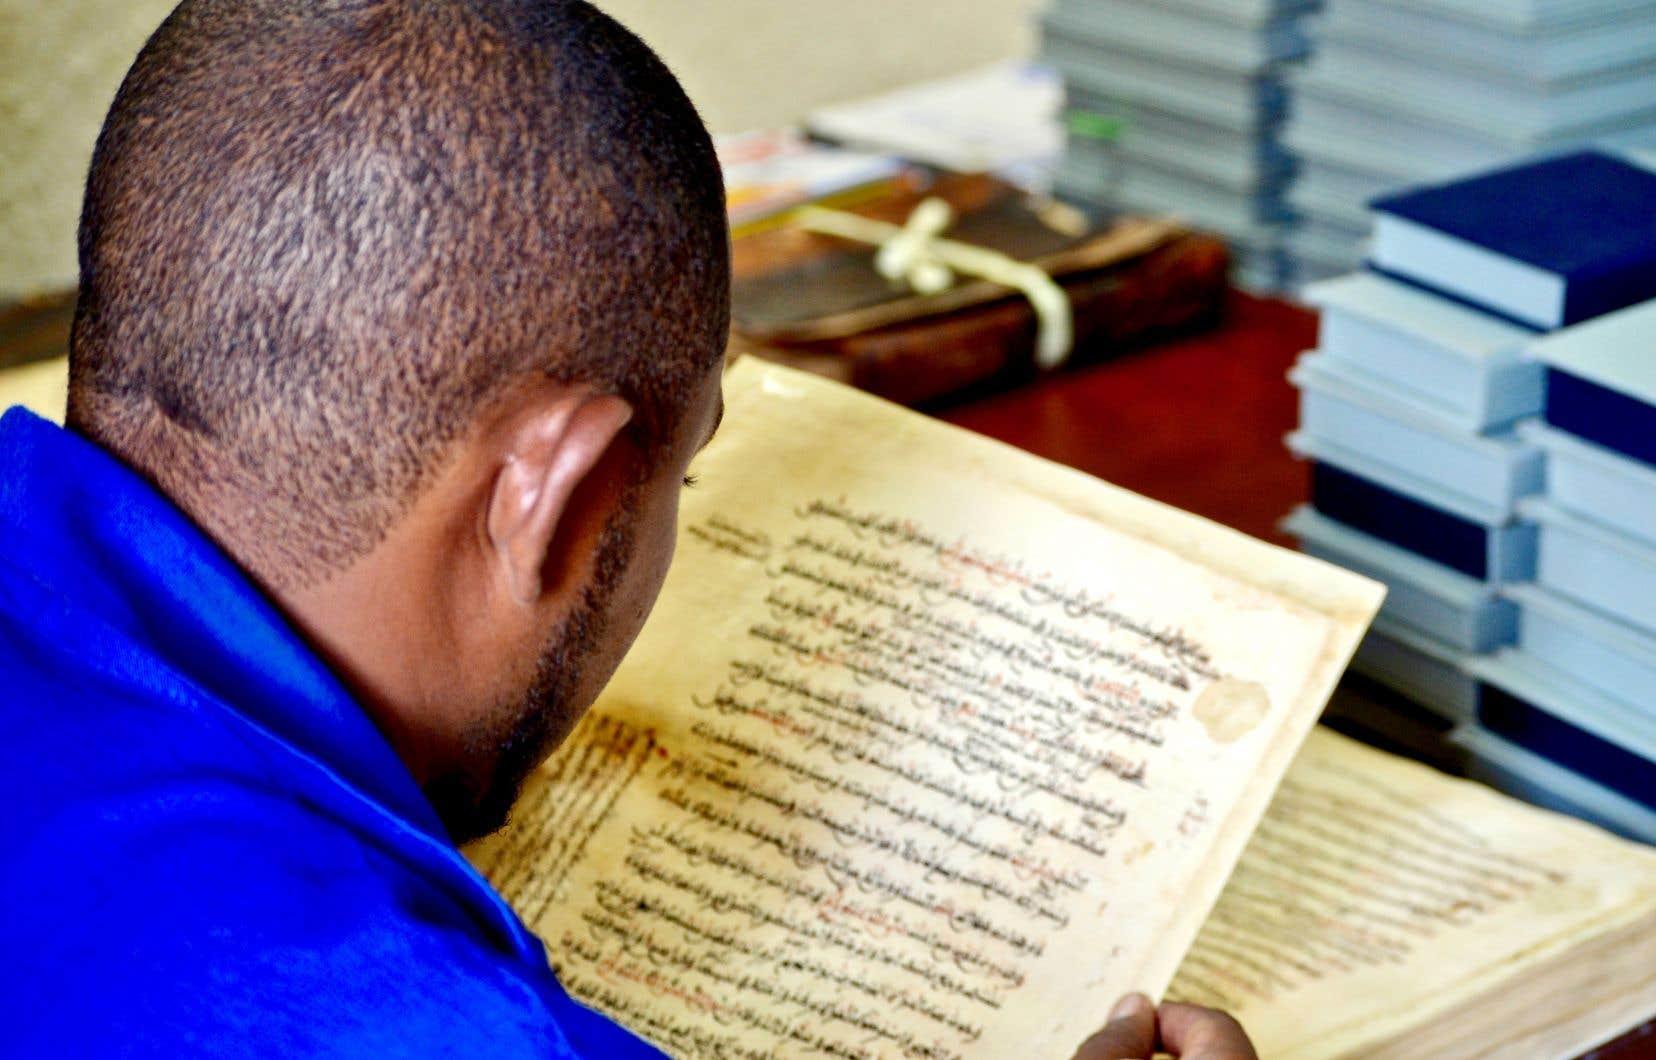 Les manuscrits médiévaux ont été sauvés des djihadistes en étant exfiltrés de Tombouctou à Bamako par des passionnés du patrimoine.